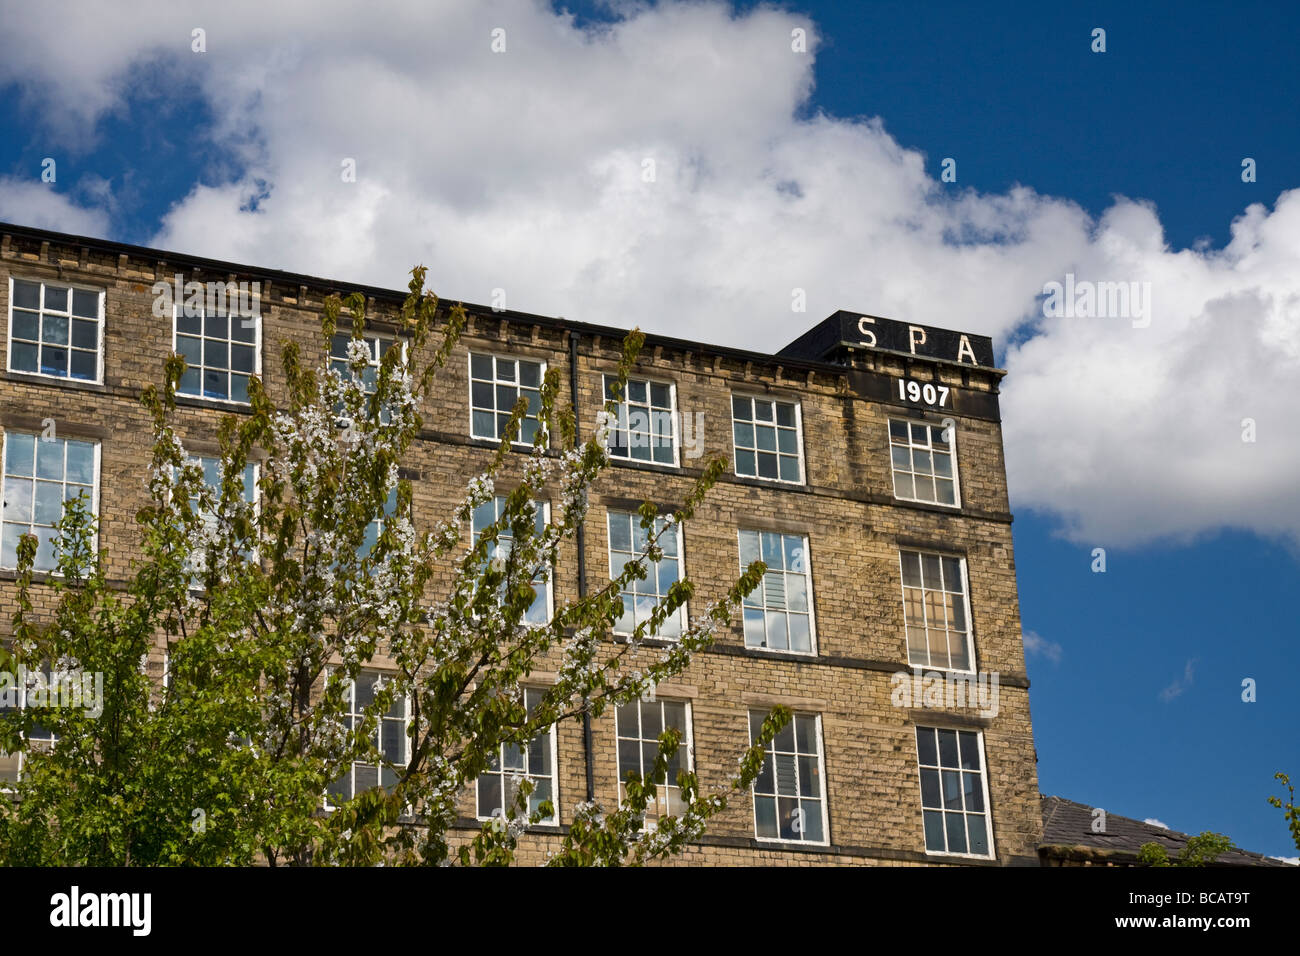 The Spa Mills, Slaithwaite, West Yorkshire - Stock Image